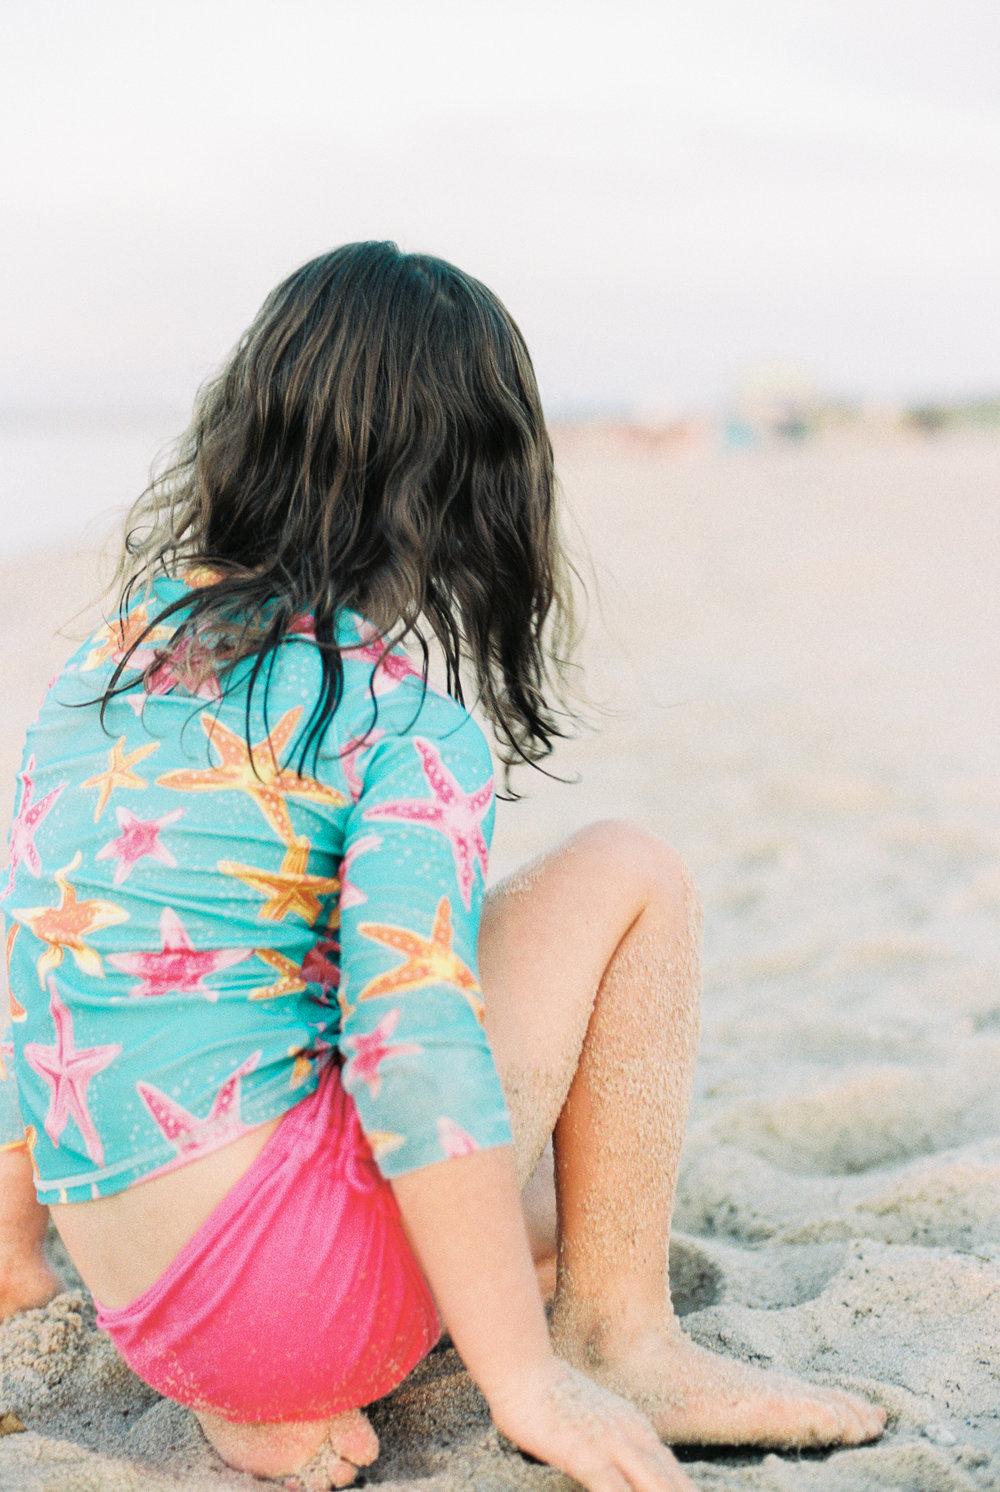 Maryland-Delaware-Beach-Lifestyle-Photographer-Lewes-Photos-By-Breanna-Kuhlmann-10.jpg